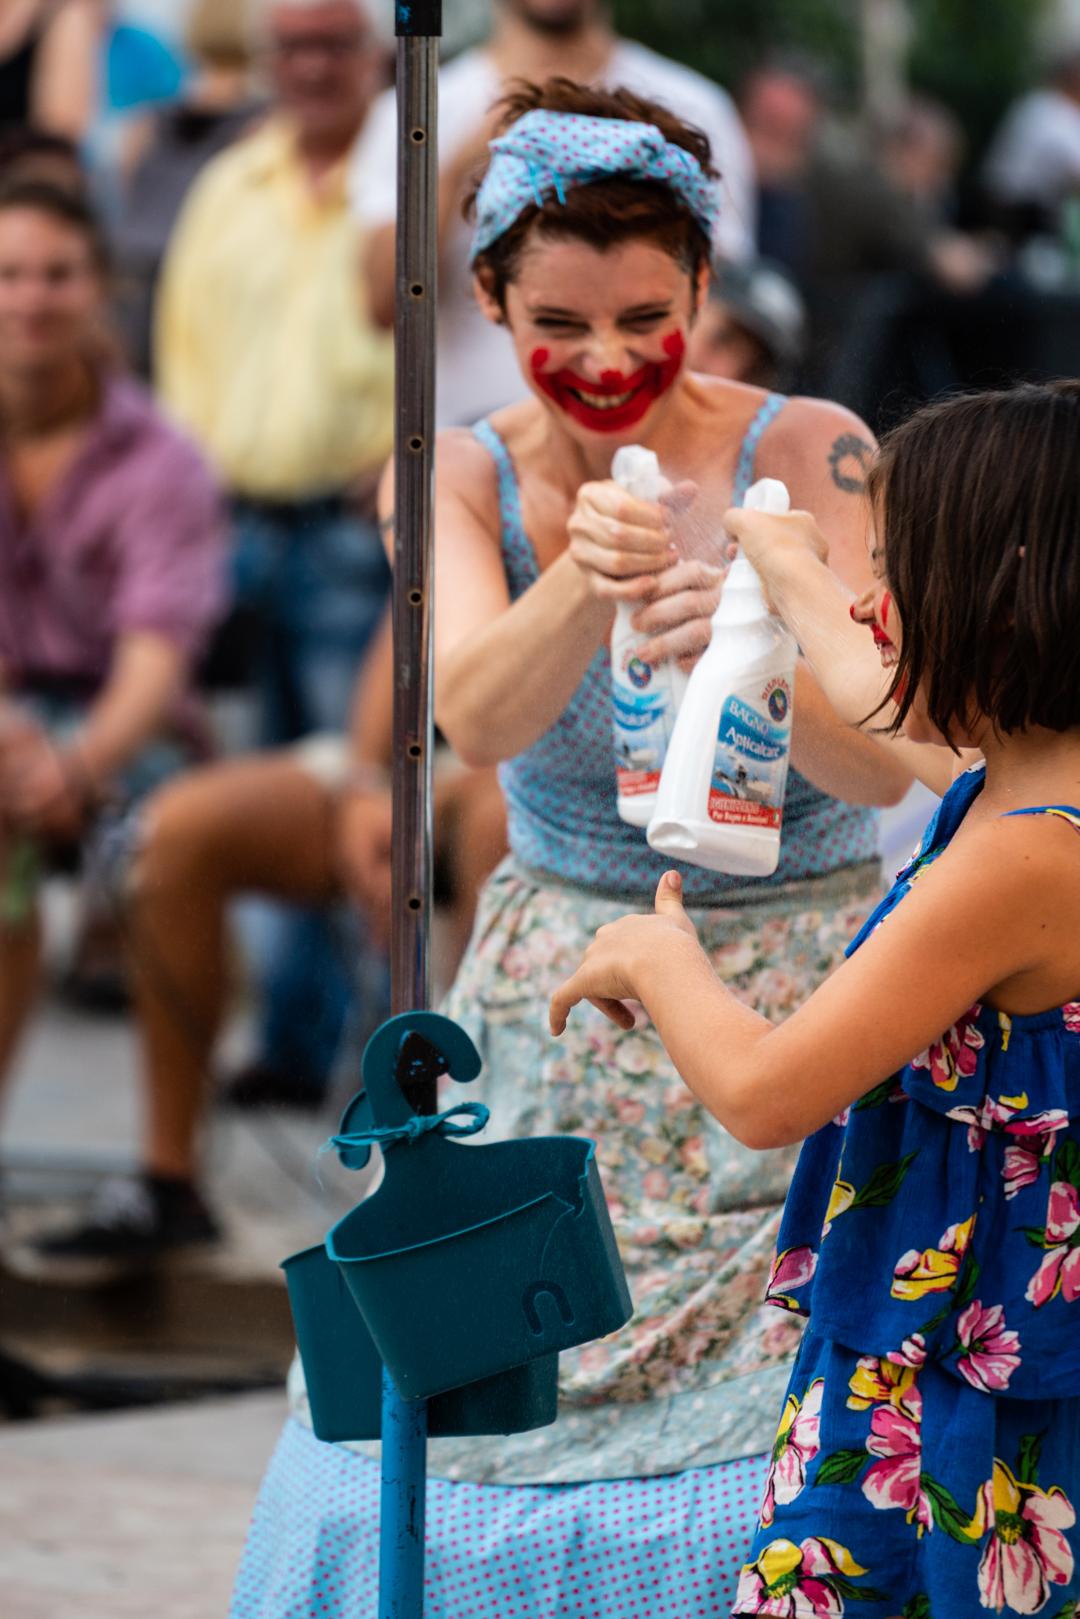 Mulher, de frente para o observador, com vestido e lenço azuis e com uma pintura vermelha na cara, a brincar com criança também de vestido azul, de lado para o observador, e com a mesma pintura vermelha na cara. Cada uma segura uma garrafa aspersor, numa batalha de água.